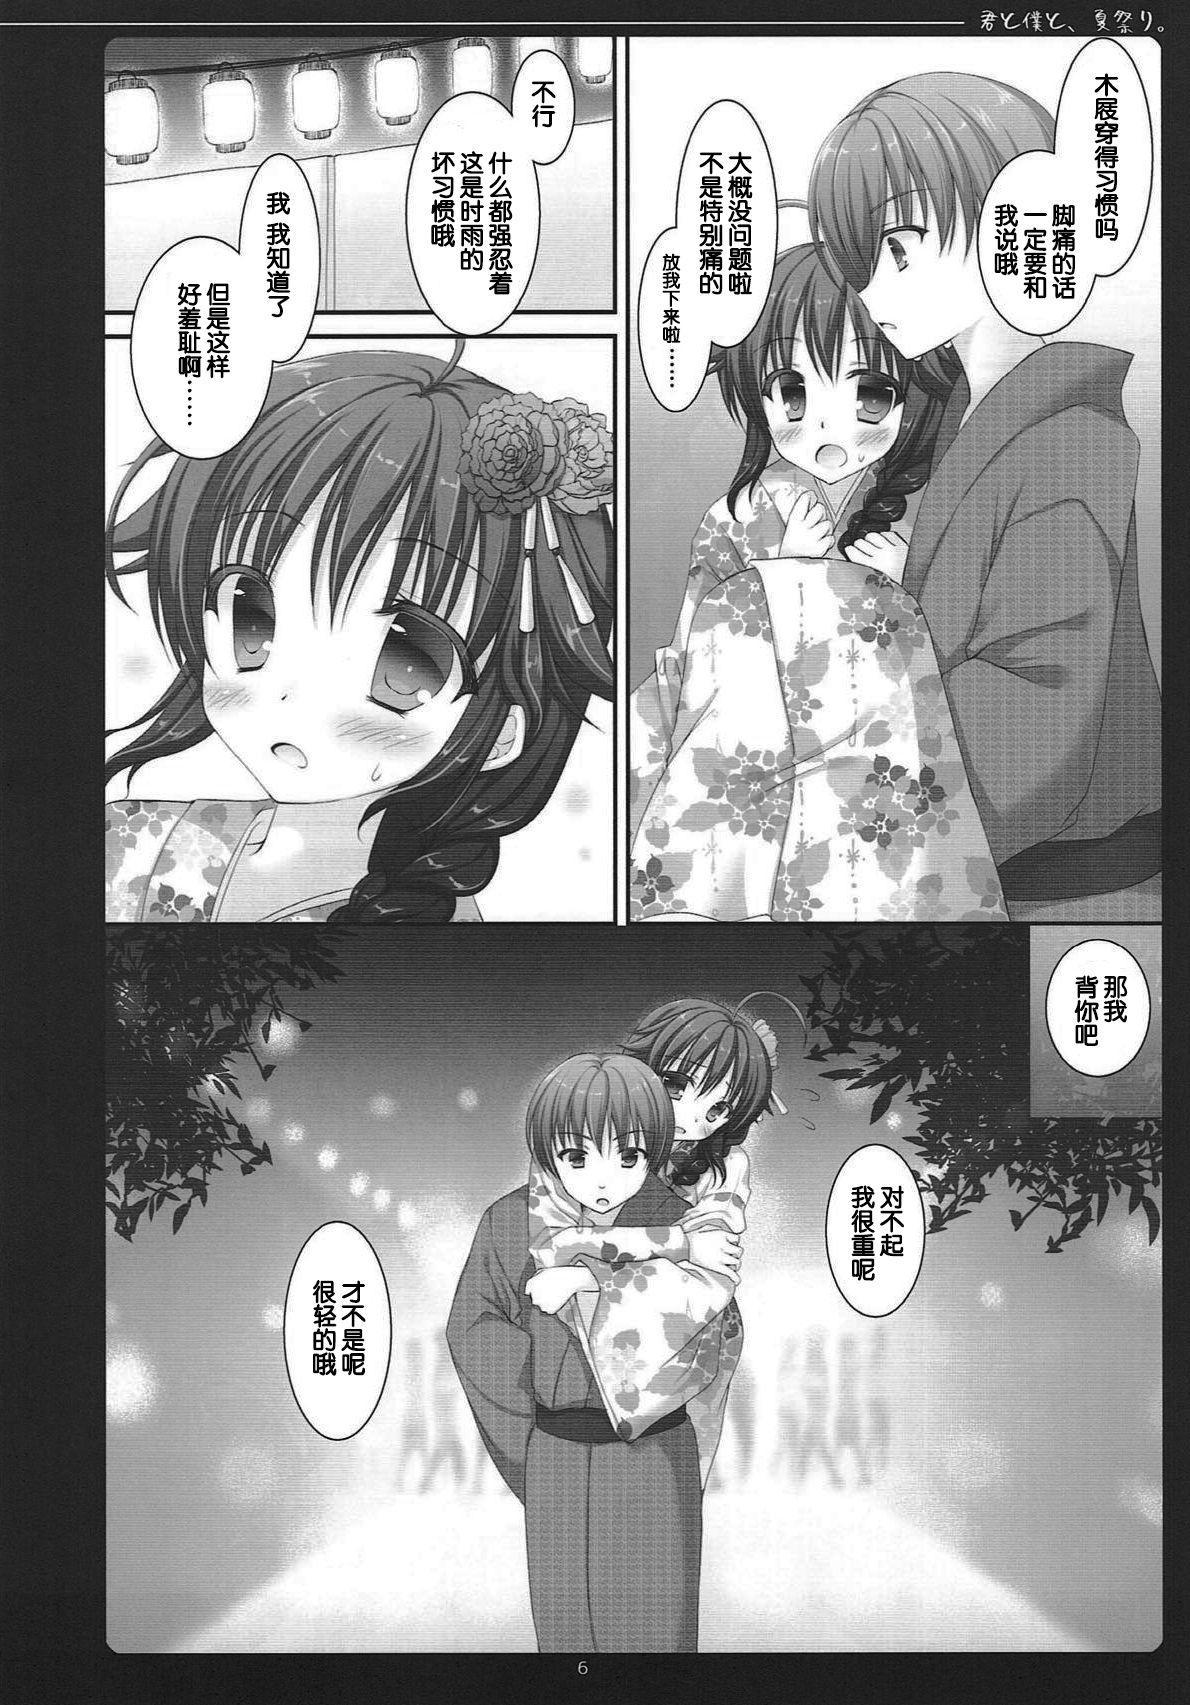 Kimi to Boku to, Natsumatsuri. 5